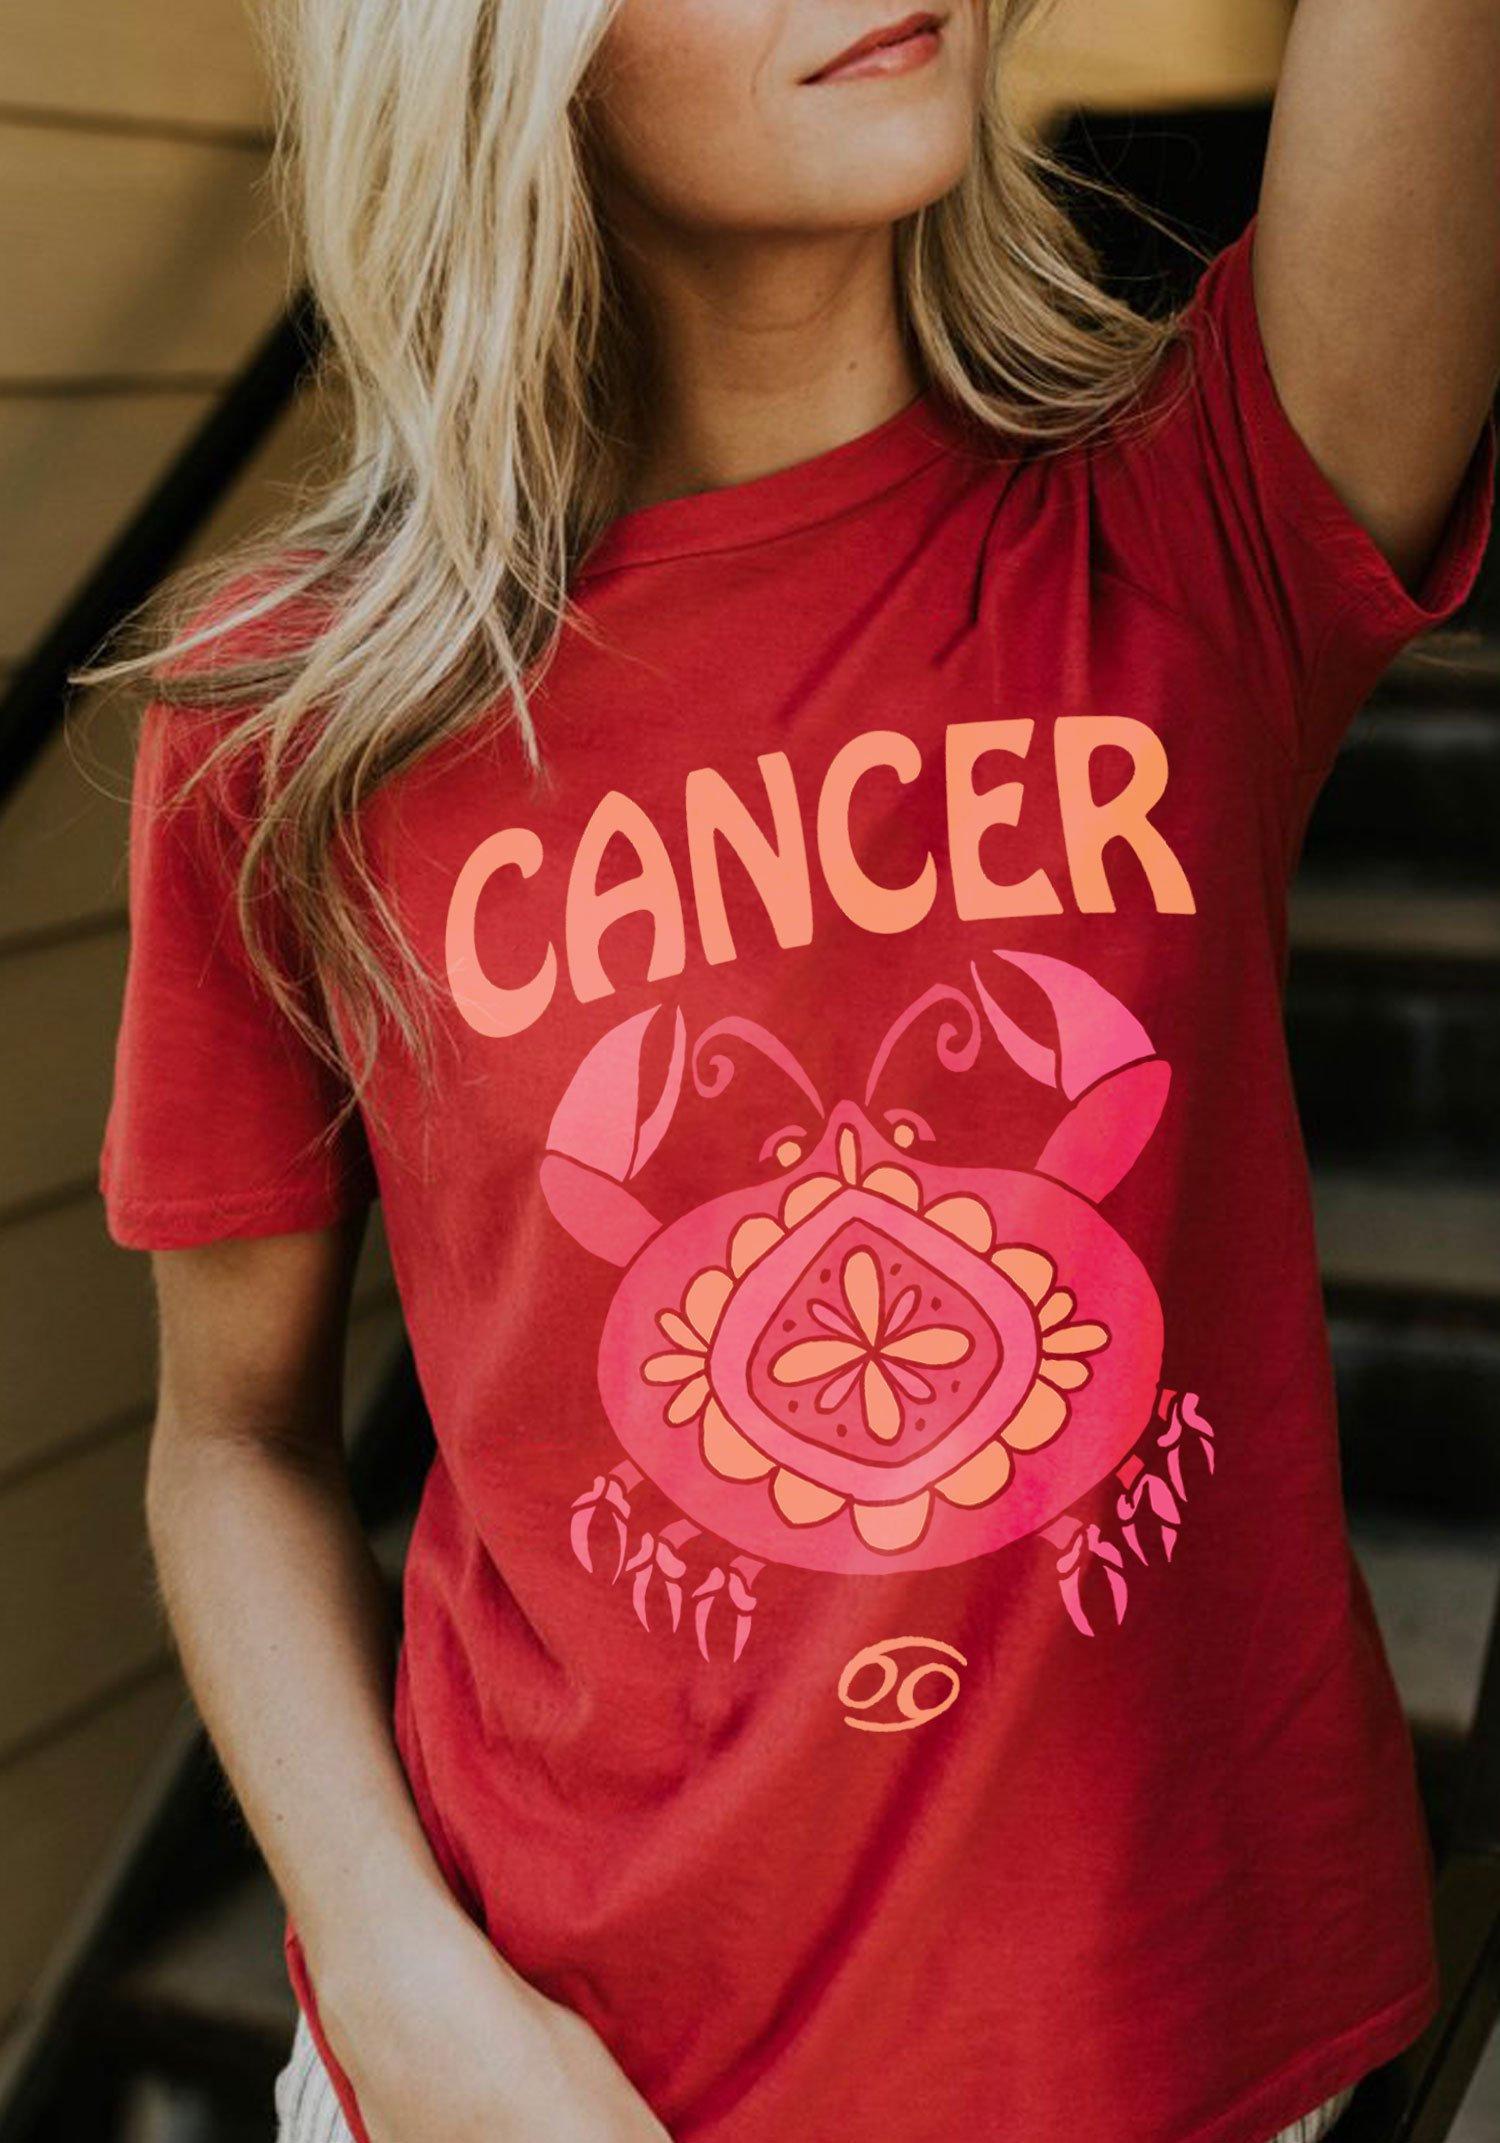 chrissihernandez-kaeraz-horoscope-tee-cancer.jpg